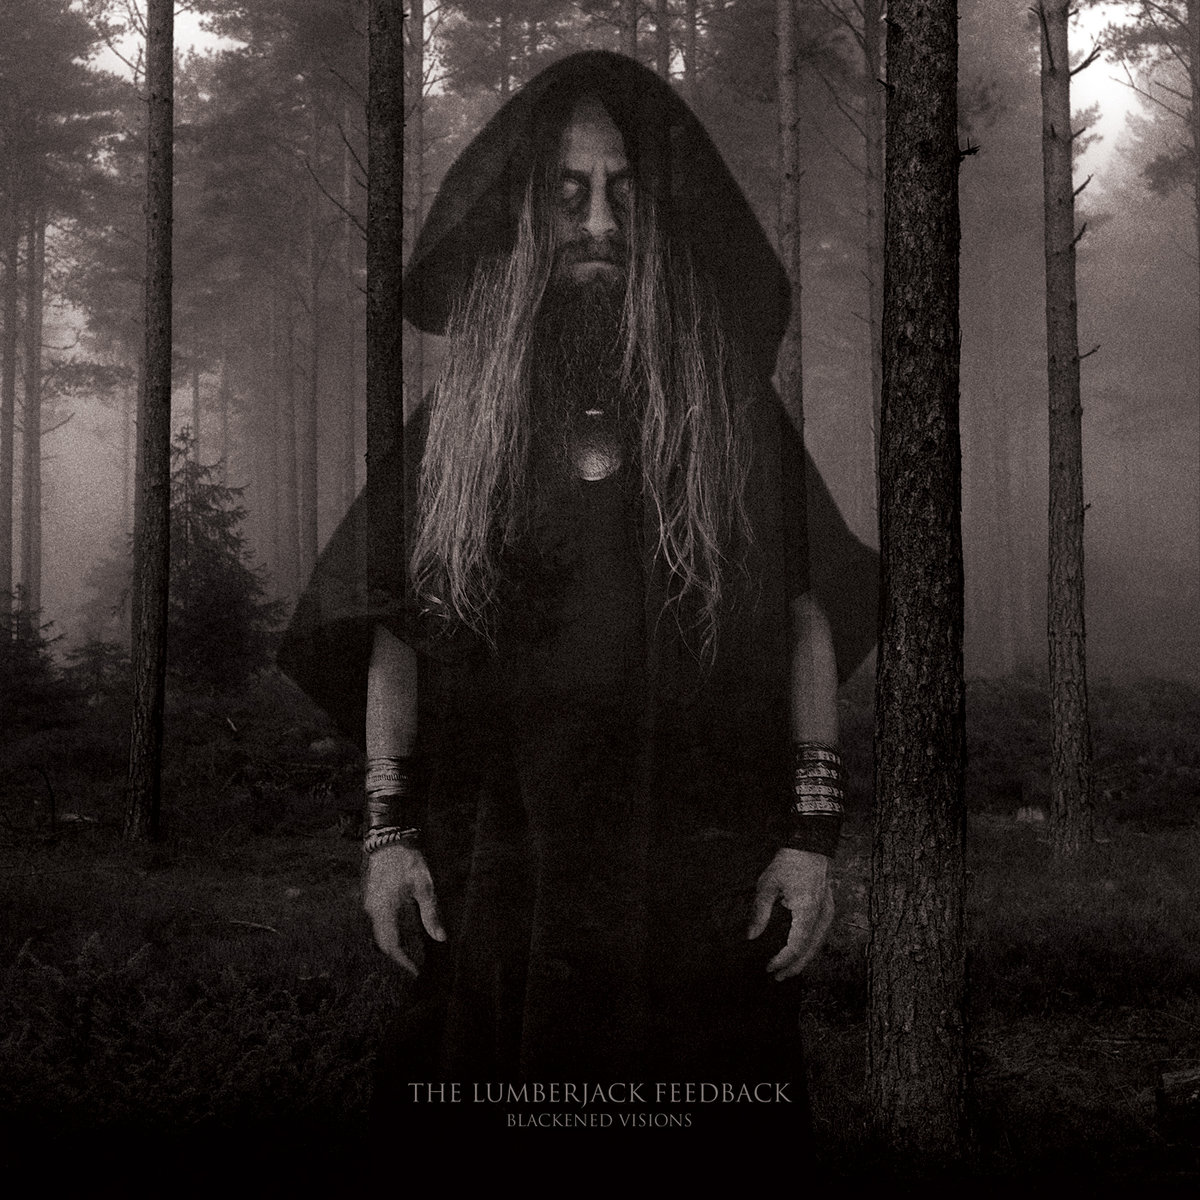 blackened-visions-lumberjack-feedback